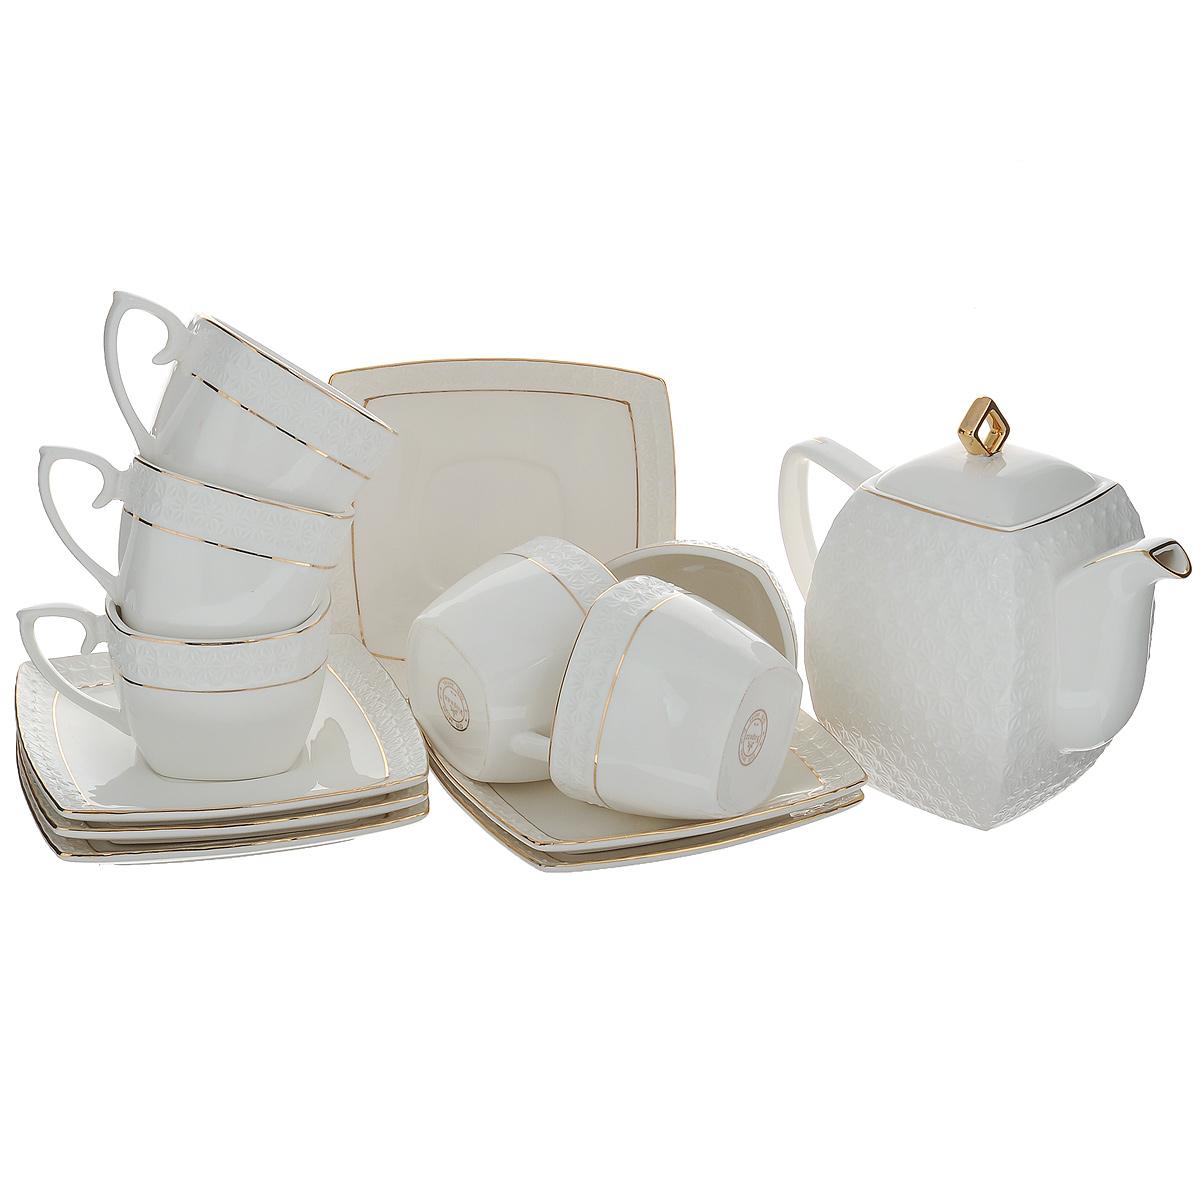 Набор чайный Korall Снежная королева, цвет: белый, 13 предметов749192Чайный набор Korall Снежная королева состоит из шести чашек, шести блюдец и чайника, изготовленных из высококачественной керамики. Изделия оформлены рельефным узором и позолоченной каймой. Изящный дизайн придется по вкусу и ценителям классики, и тем, кто предпочитает утонченность и изысканность. Изделия упакованы в подарочную коробку, драпированную атласной тканью. Нельзя мыть в посудомоечной машине и использовать в микроволновой печи.Размер чашек (по верхнему краю): 8,5 см х 8,5 см. Высота чашек: 6,5 см. Размер блюдец: 15 см х 15 см. Объем чашек: 240 мл. Объем чайника: 900 мл. Высота чайника (без учета крышки): 12,5 см. Размер чайника (по верхнему краю): 5,5 см х 5,5 см.